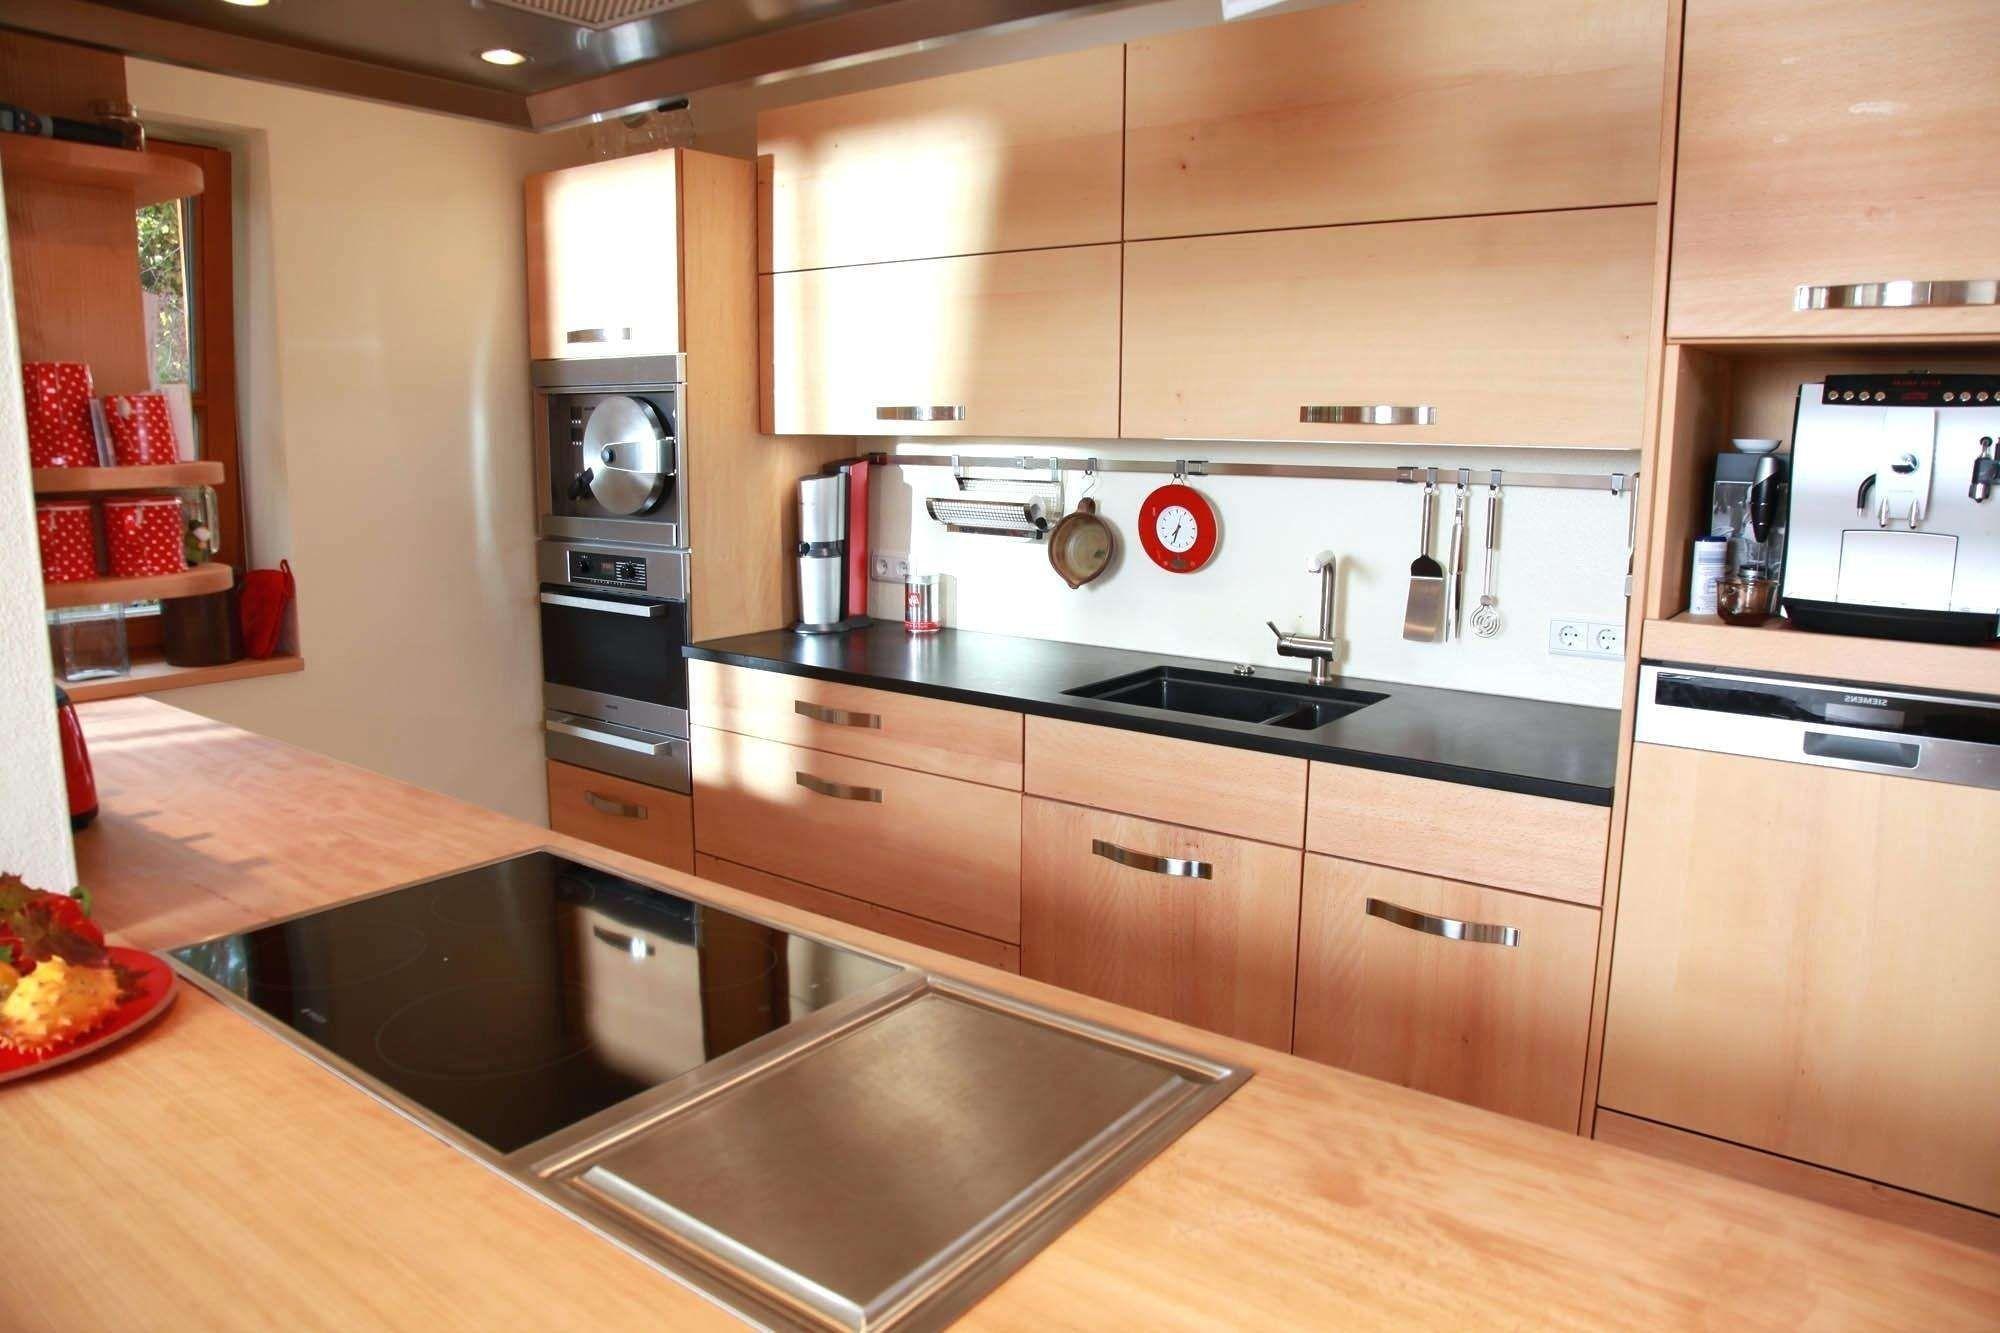 49 Elegant Kuchenschrank Buche Decor Kitchen Design